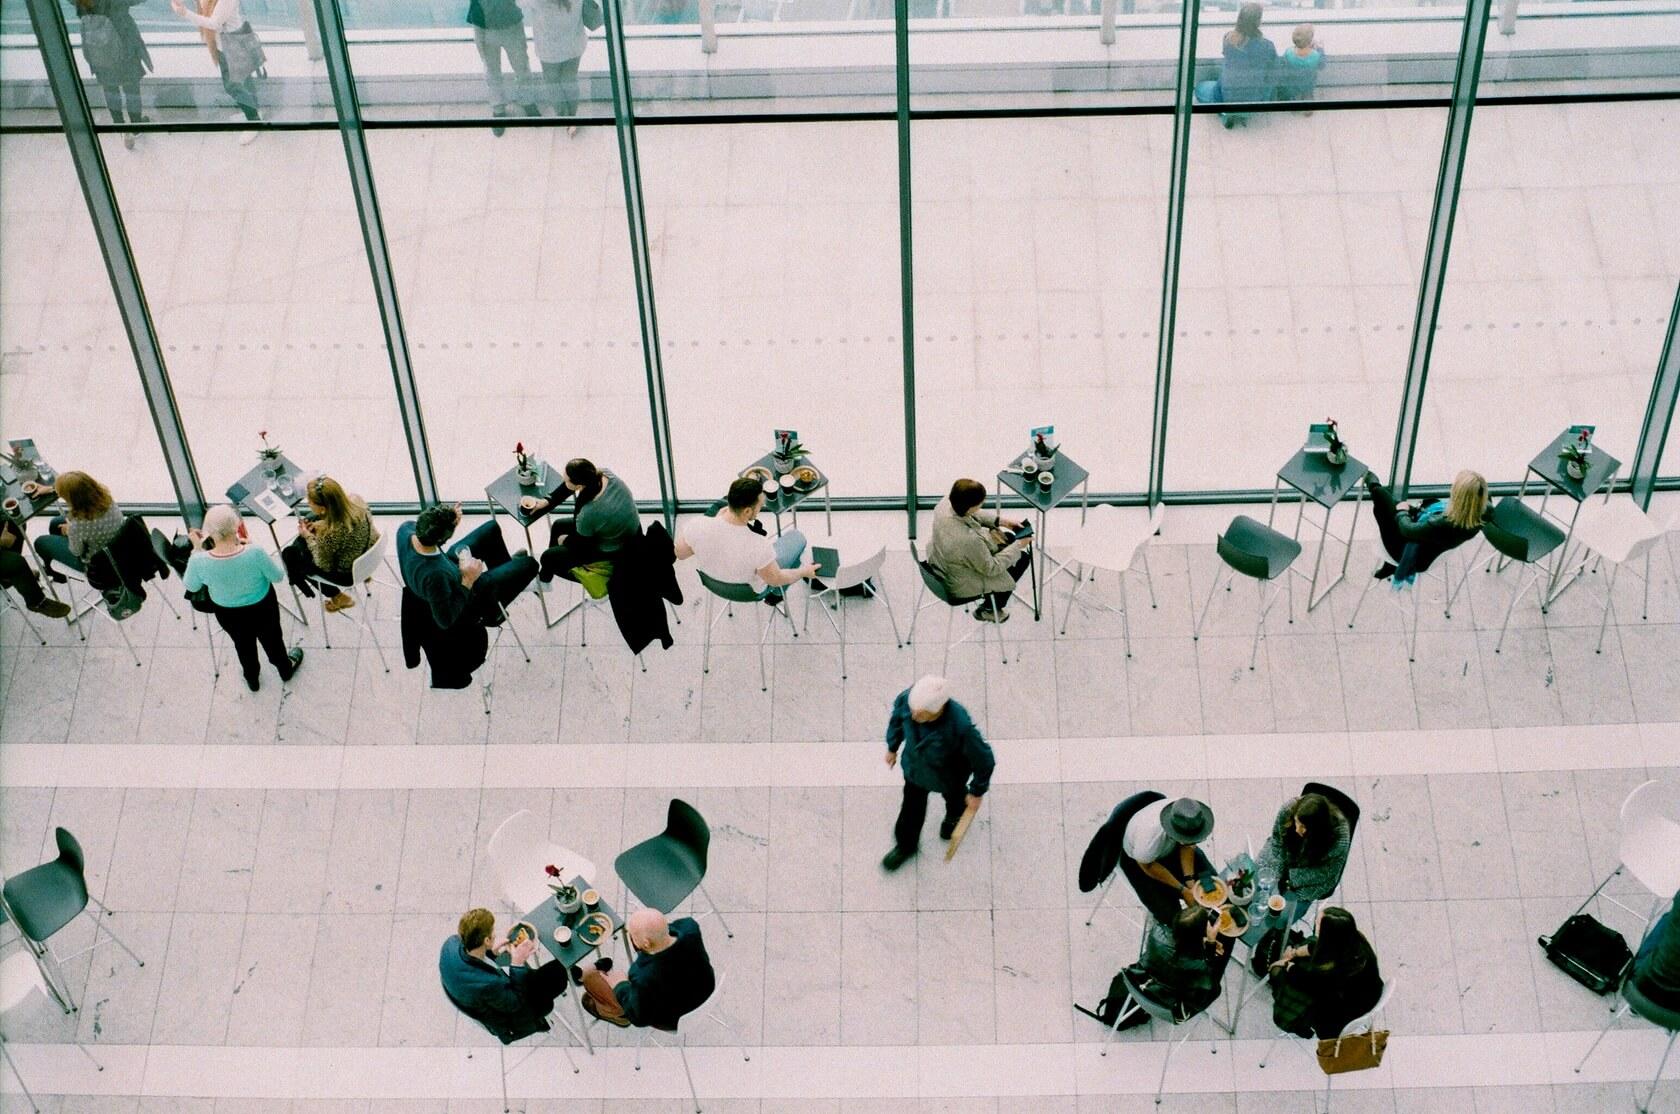 Как улучшить корпоративную репутацию и восприятие компании?